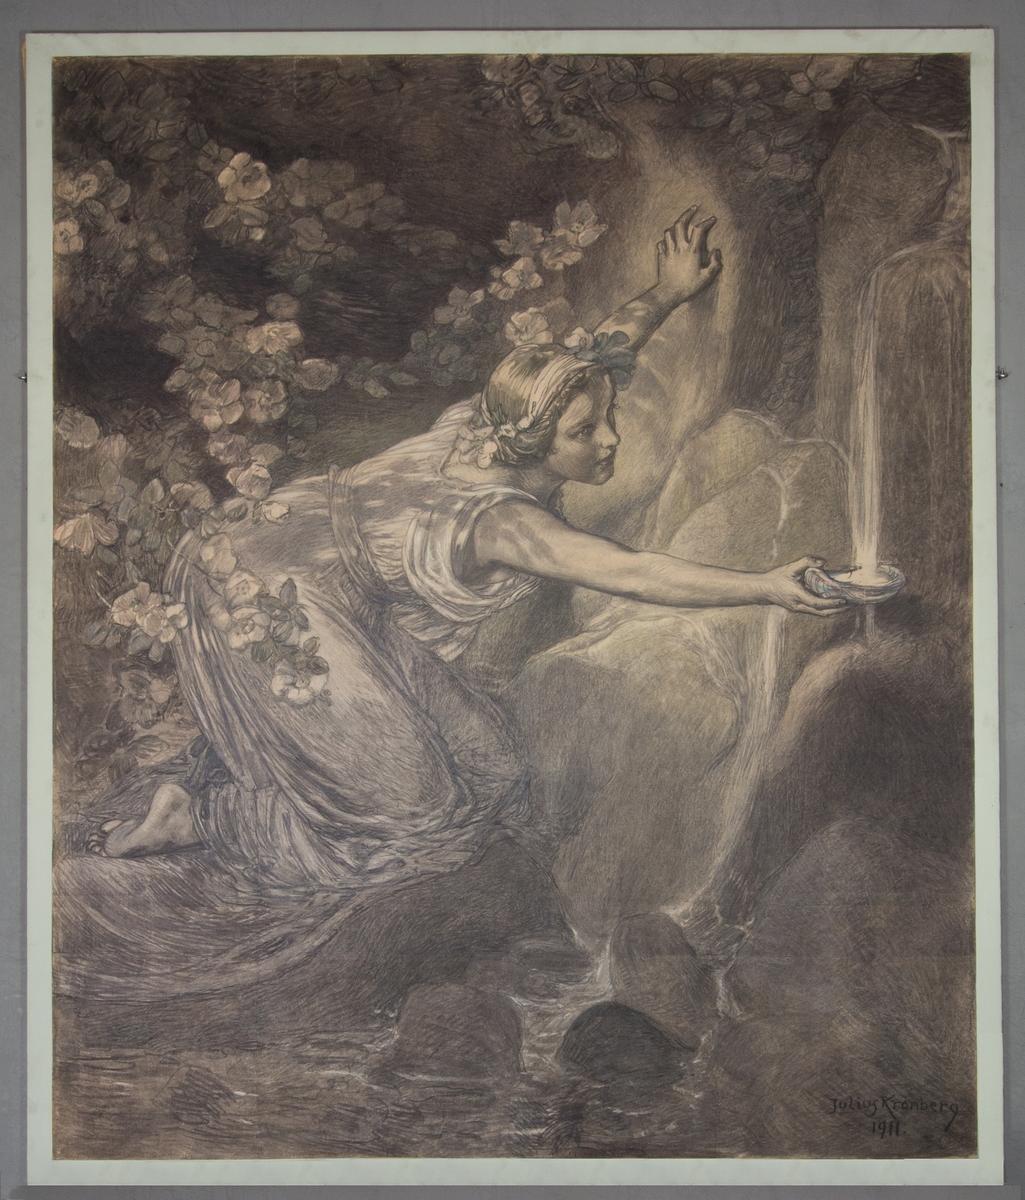 En ung kvinna i helfigur, knästående, sträcker fram ena handen i vilken hon håller en skål som hon fyller med vatten från ett rinnande källflöde. Omgiven av stenar och berg.